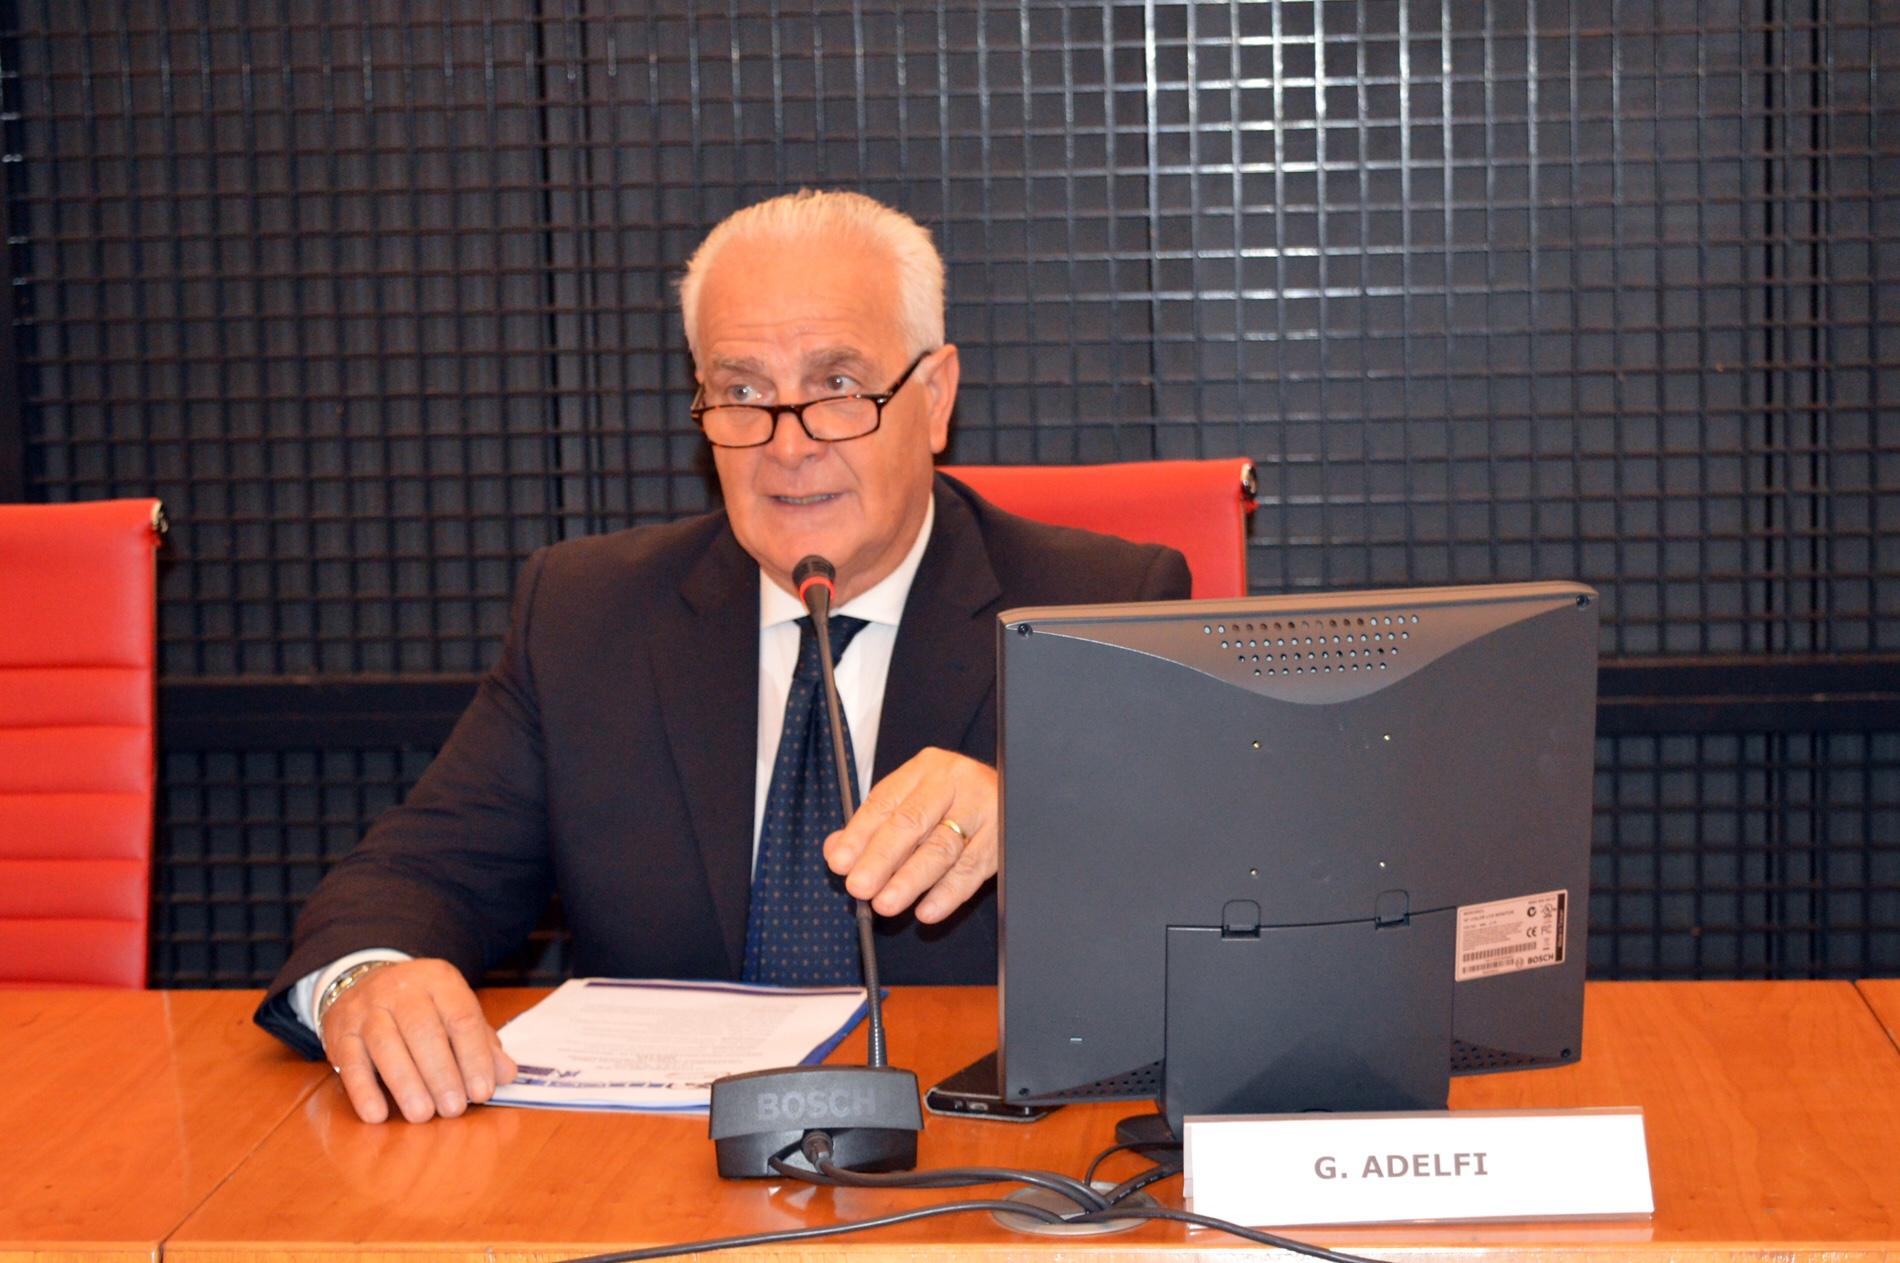 Napoli patrimonio immobiliare pubblico da valorizzare per attività imprenditoriali